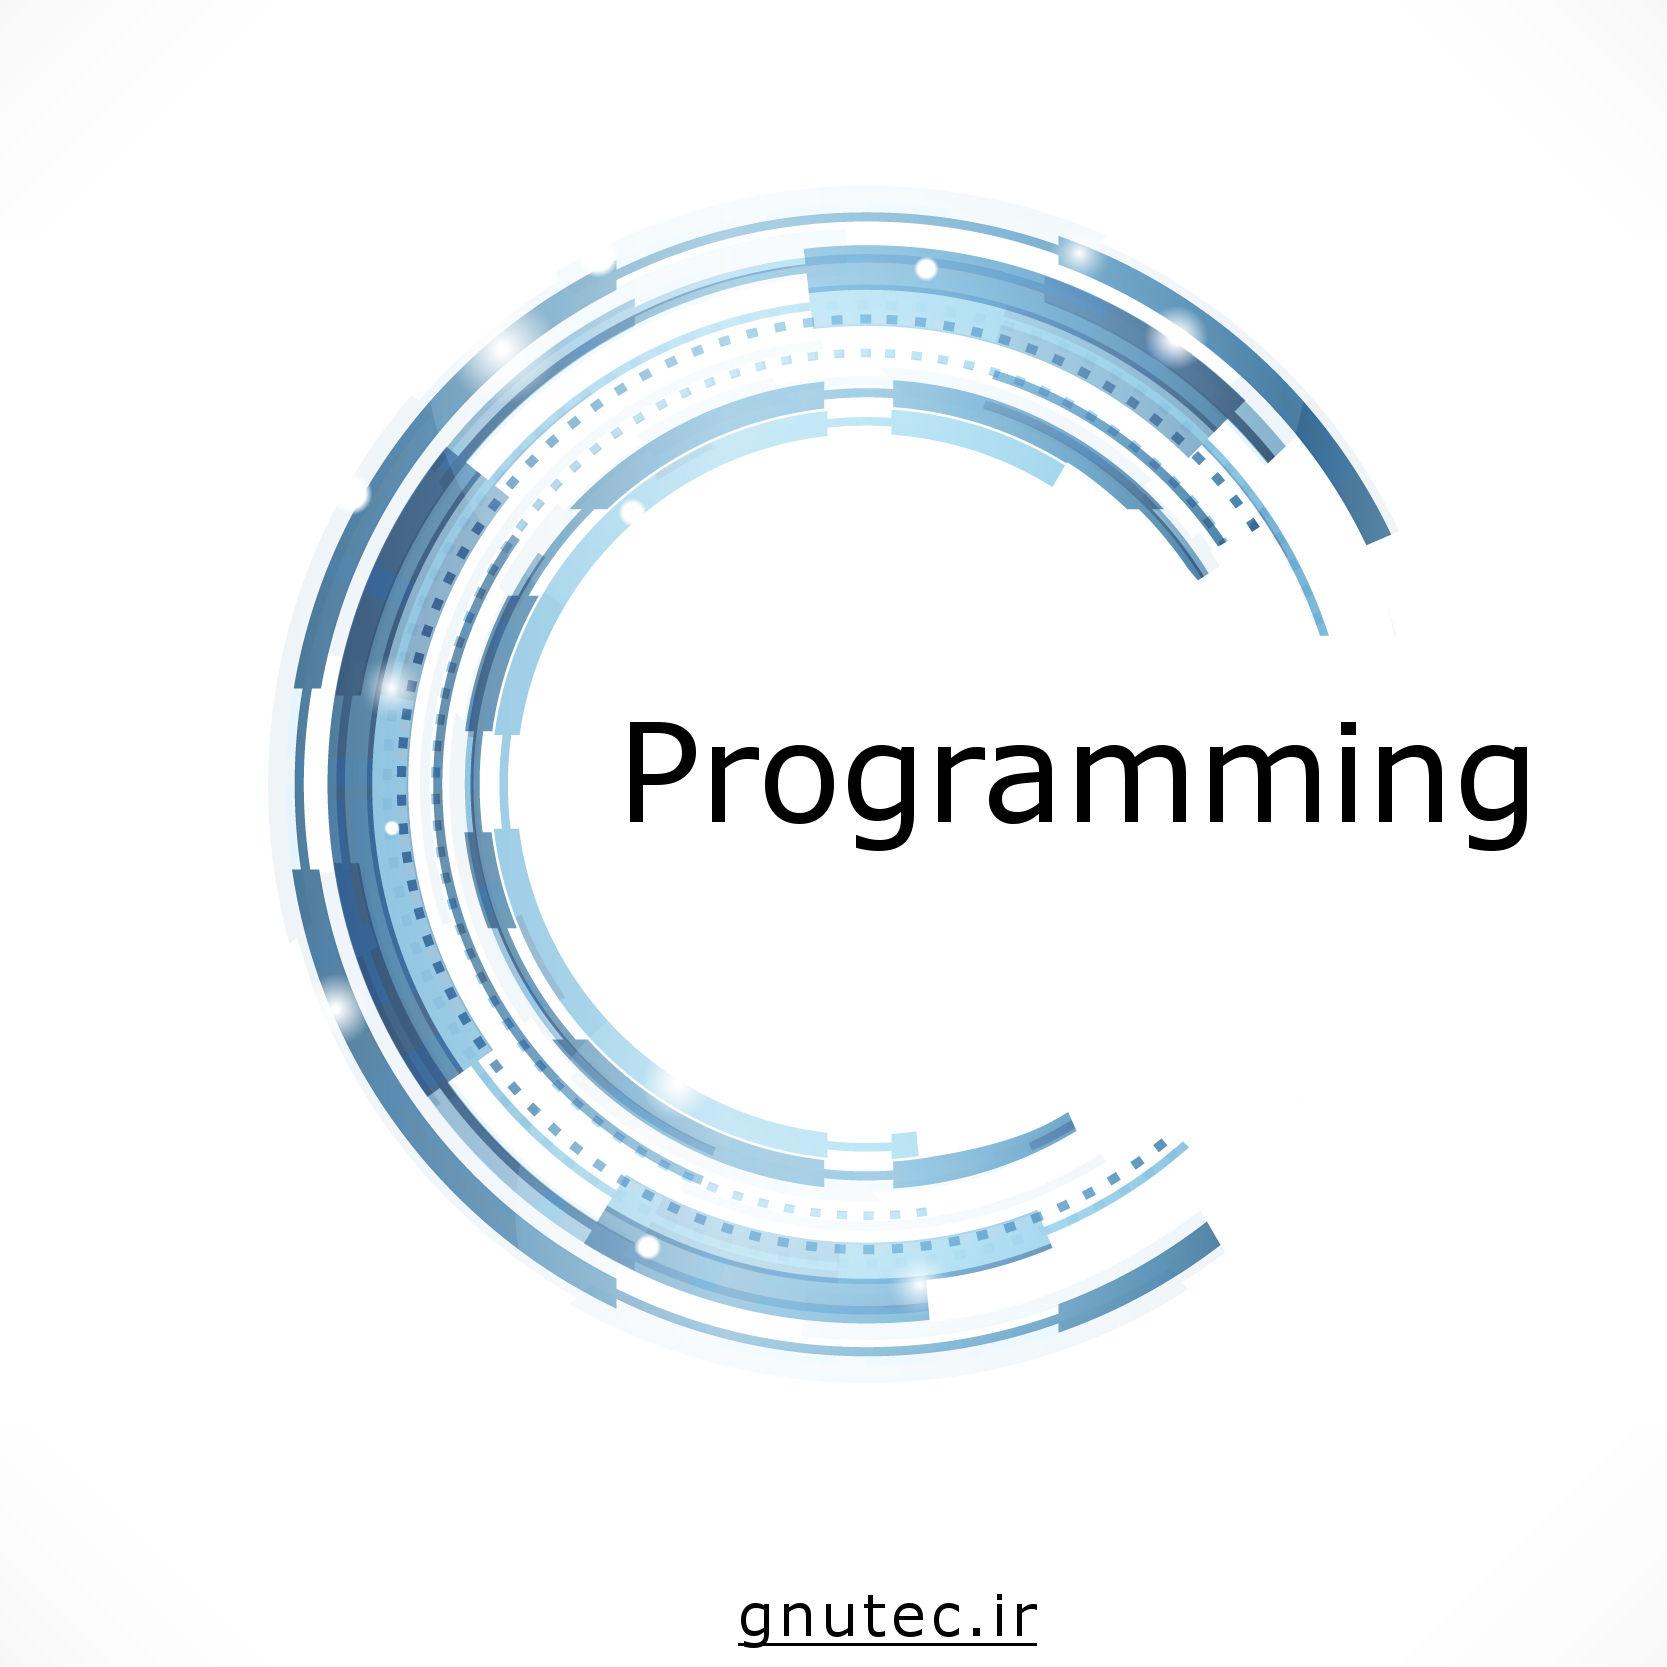 زبان سی در دانشگاه های کشور به عنوان زبان پایه تدریس می شود و این بدین معنی است که پس از یادگیری زبان سی شما آمادگی شروع هر زبان برنامه نویسی دیگری مثل PHP , Java ... را خواهید داشت.